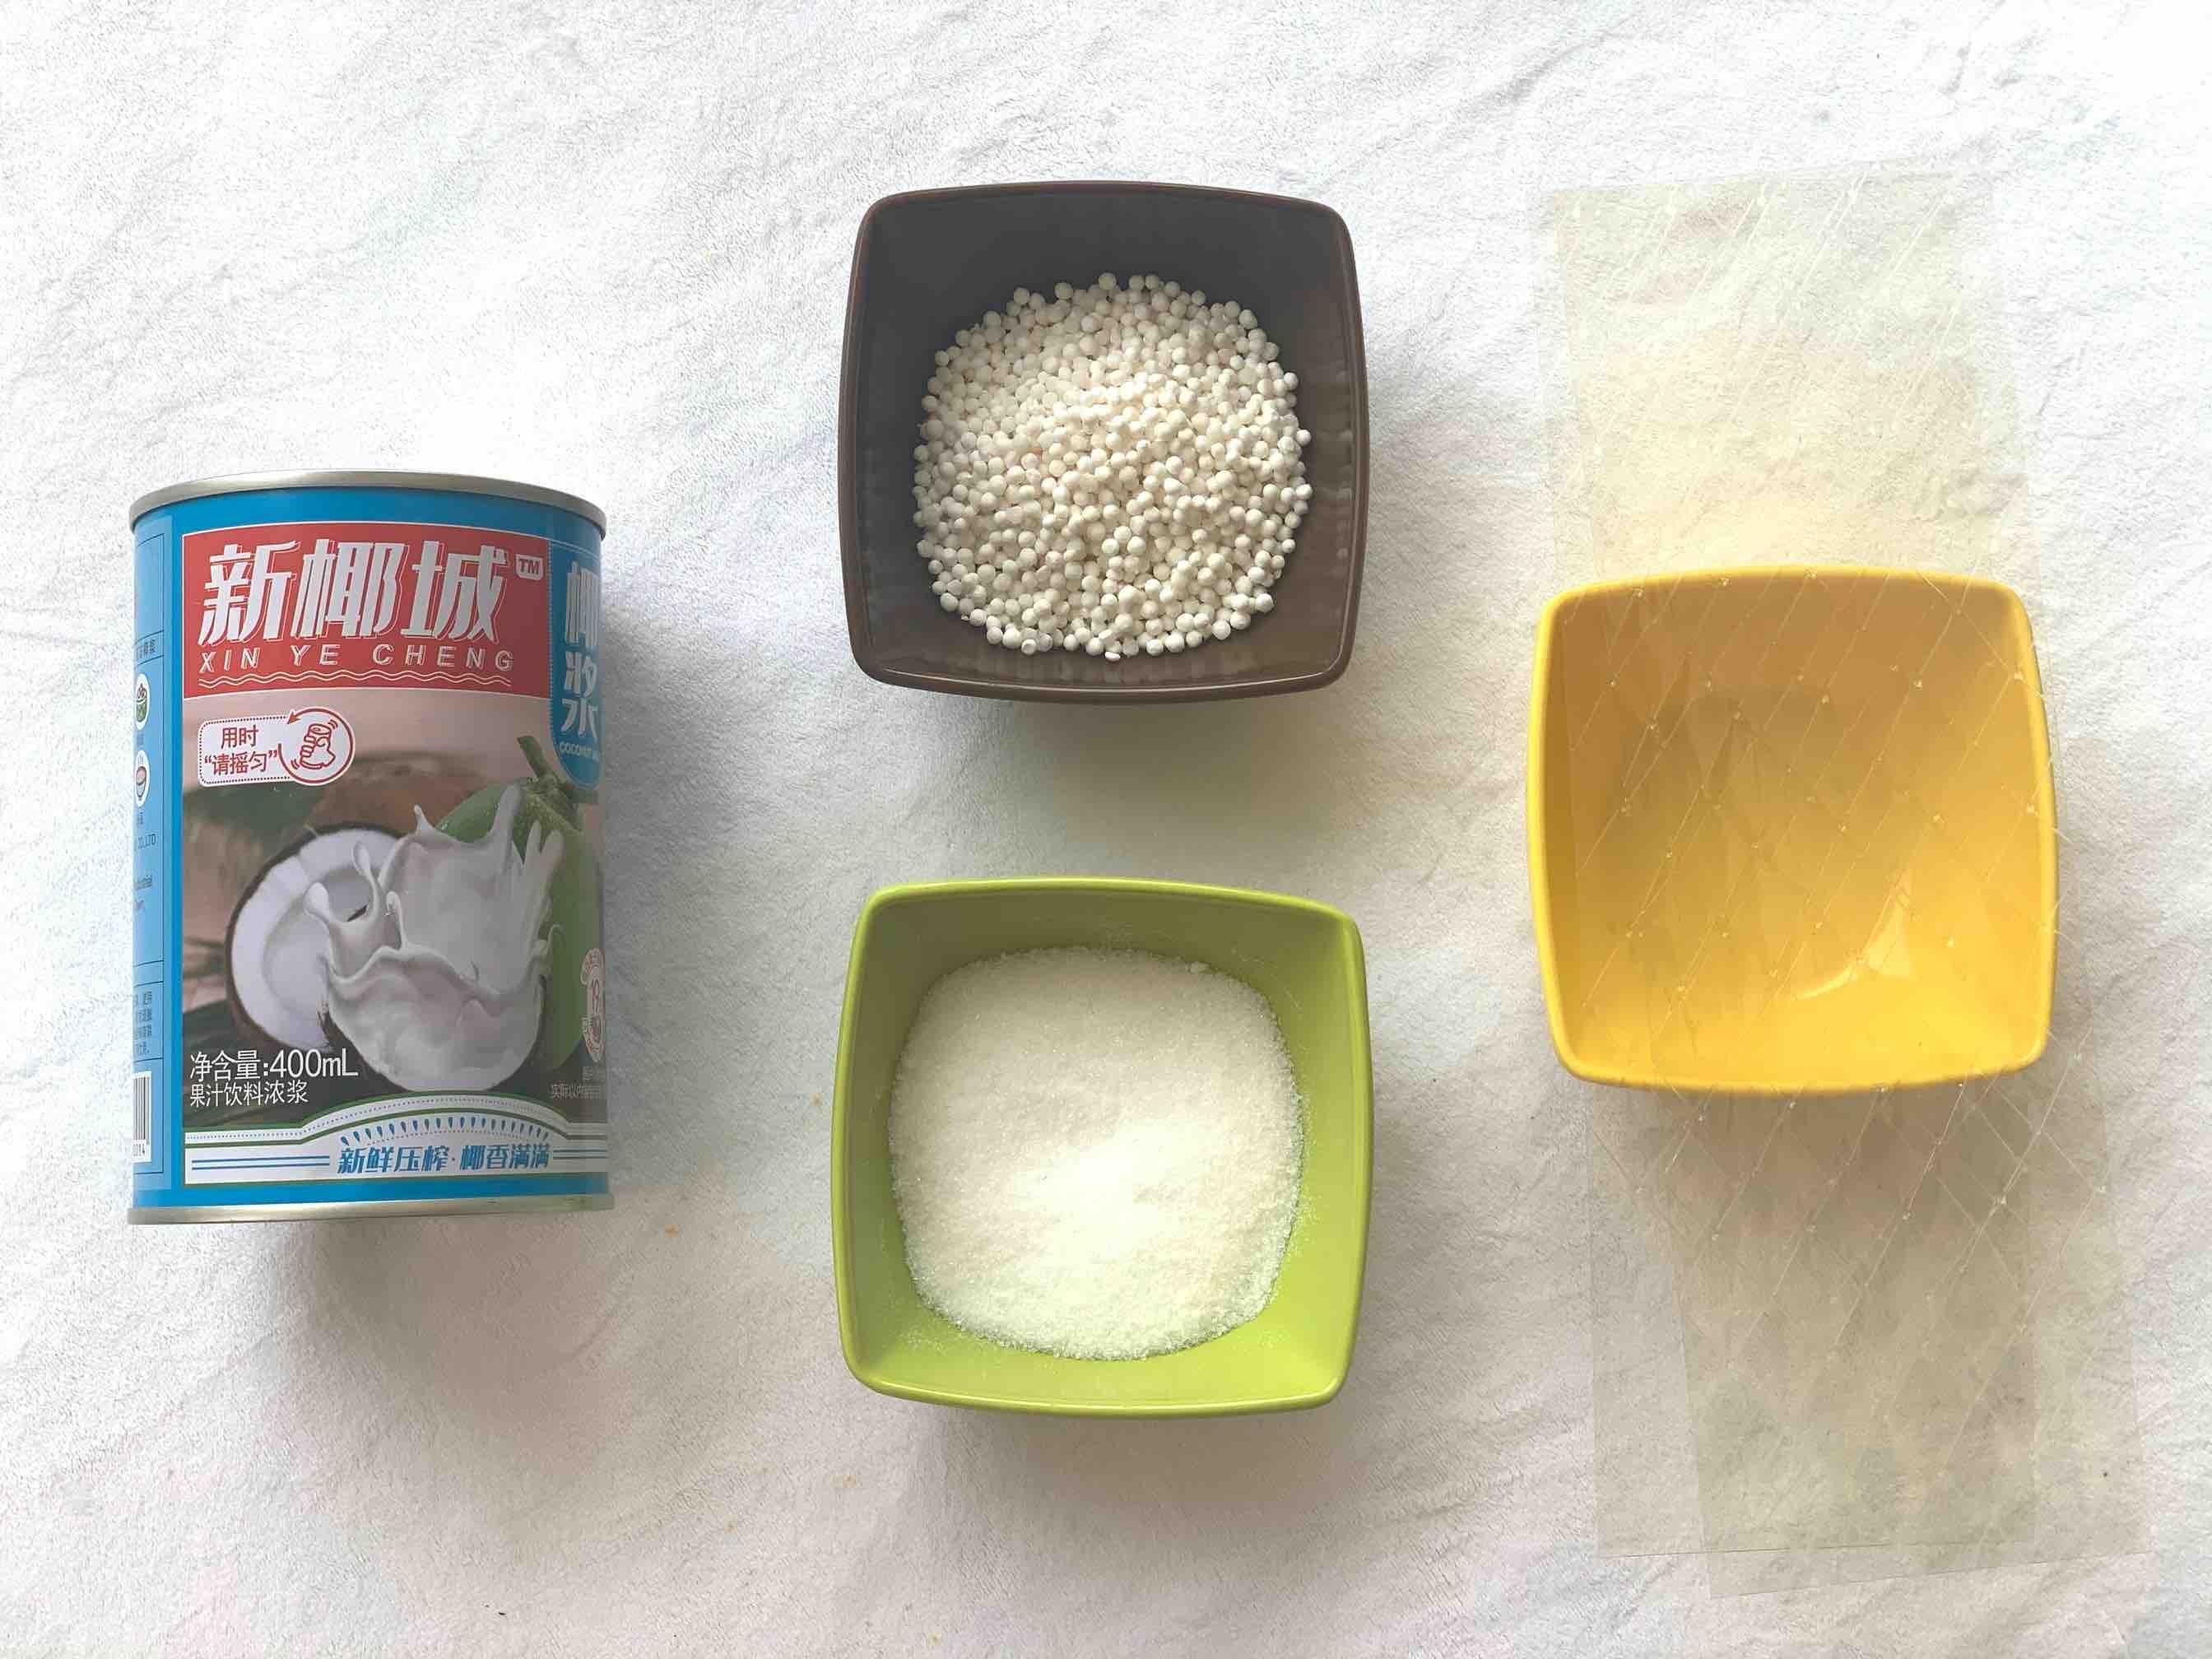 椰汁西米糕!椰香浓郁超好吃的步骤